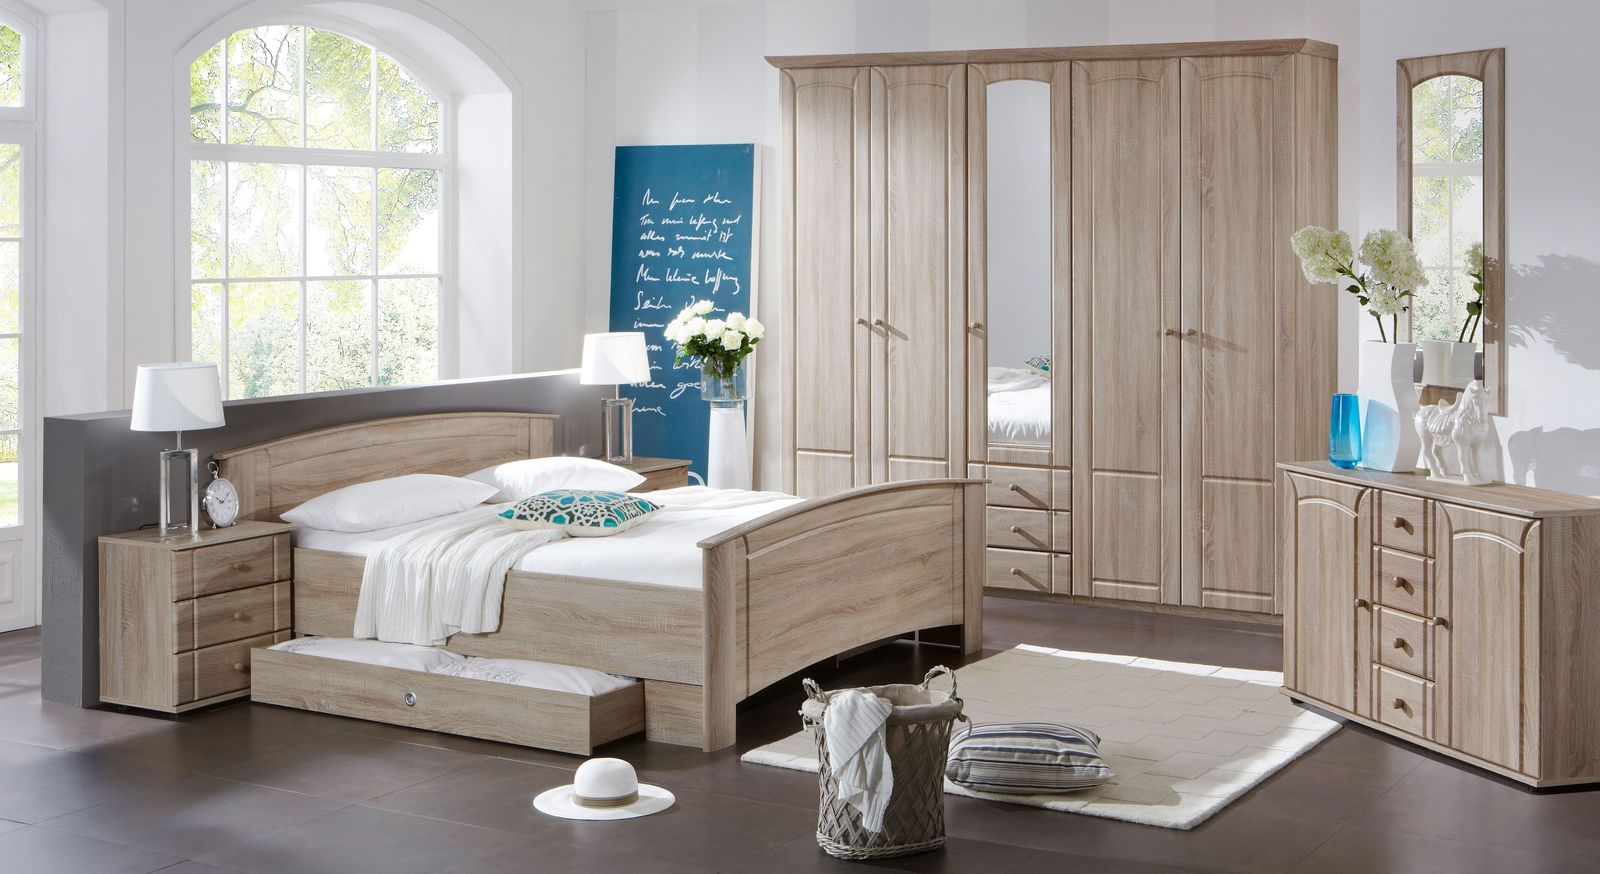 gro er wandspiegel mit rahmen aus eiche s gerau dekor. Black Bedroom Furniture Sets. Home Design Ideas